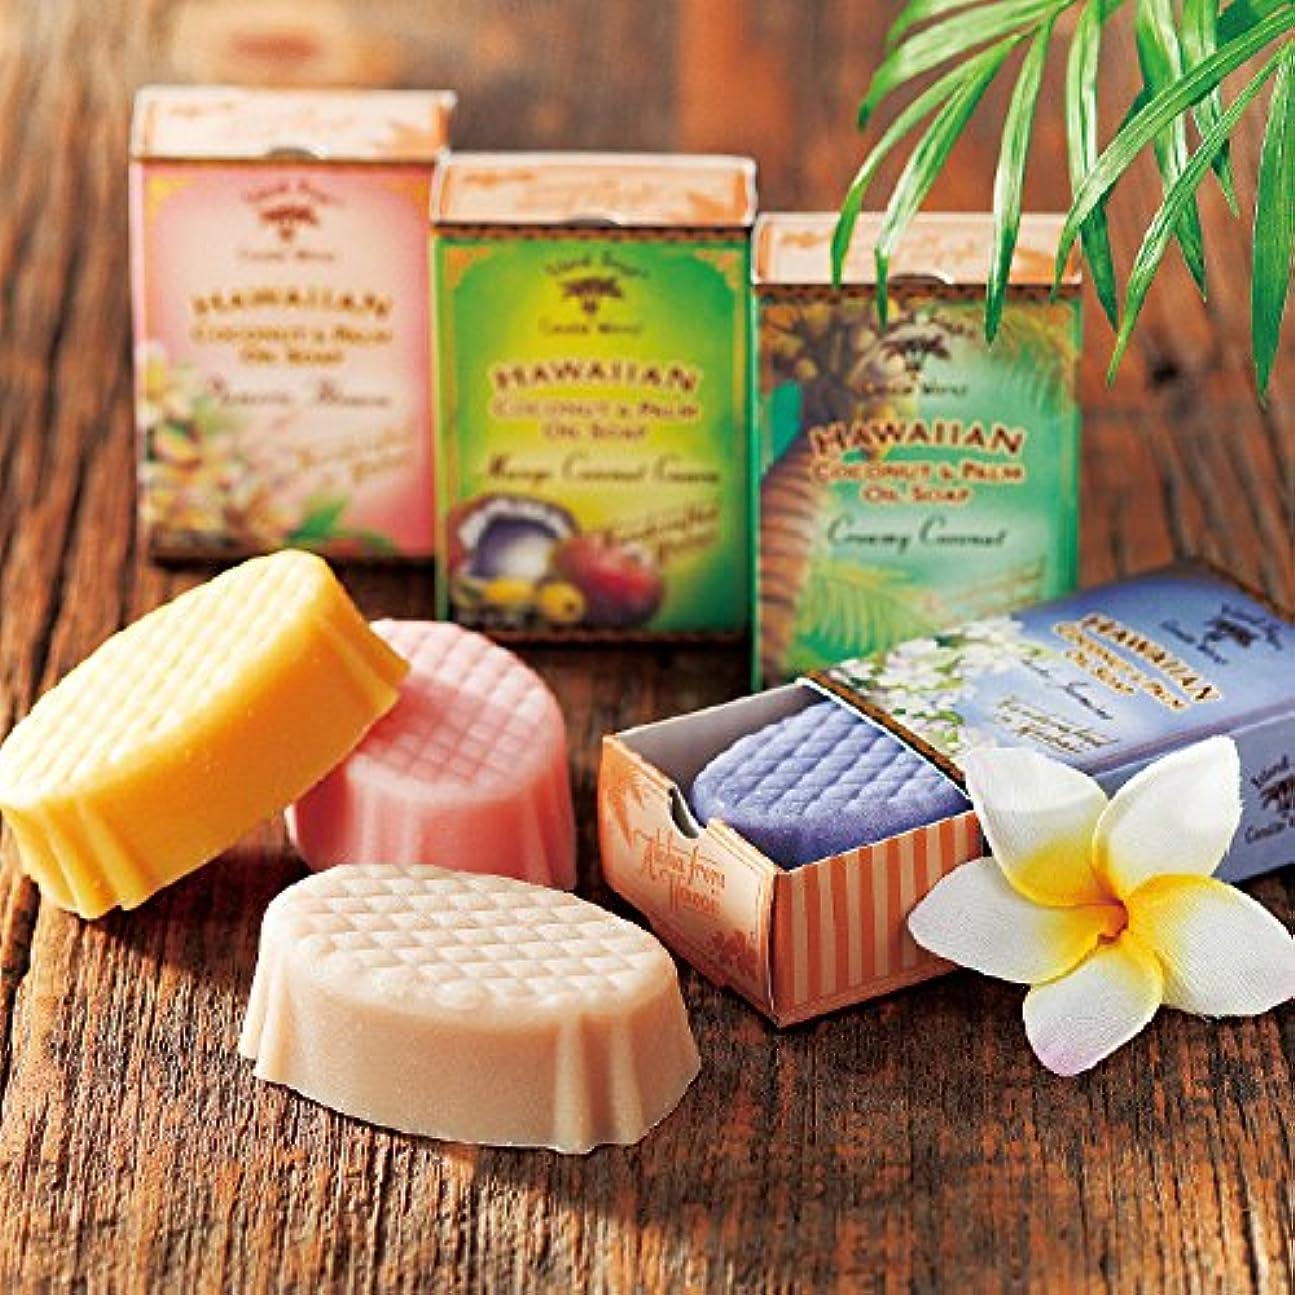 弱点リスキーなスリム[ハワイお土産] アイランドソープ ココナッツソープ 4種セット (海外 みやげ ハワイ 土産)